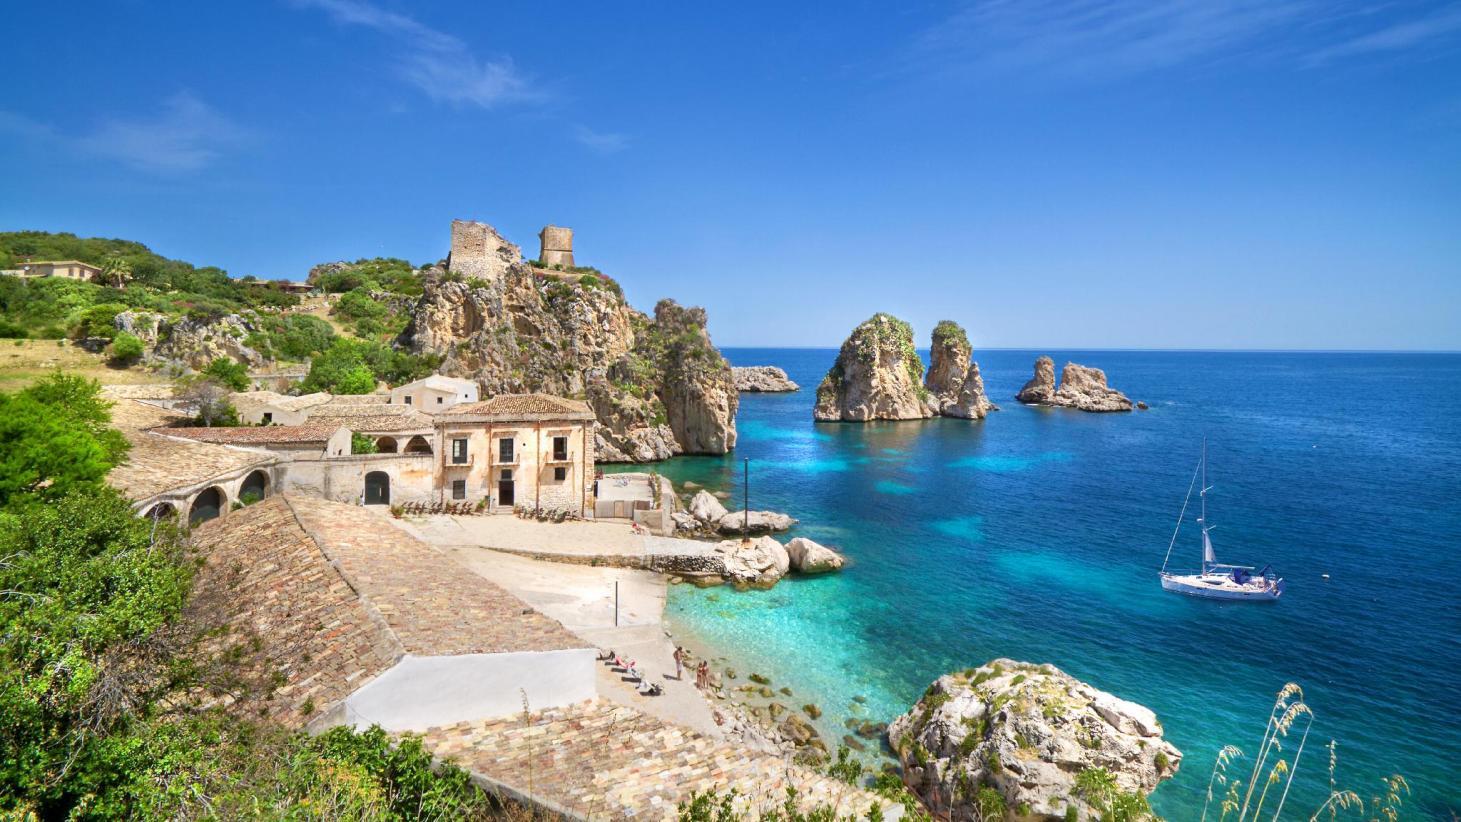 Włochy na kółkach, czyli wiecznie i słonecznie